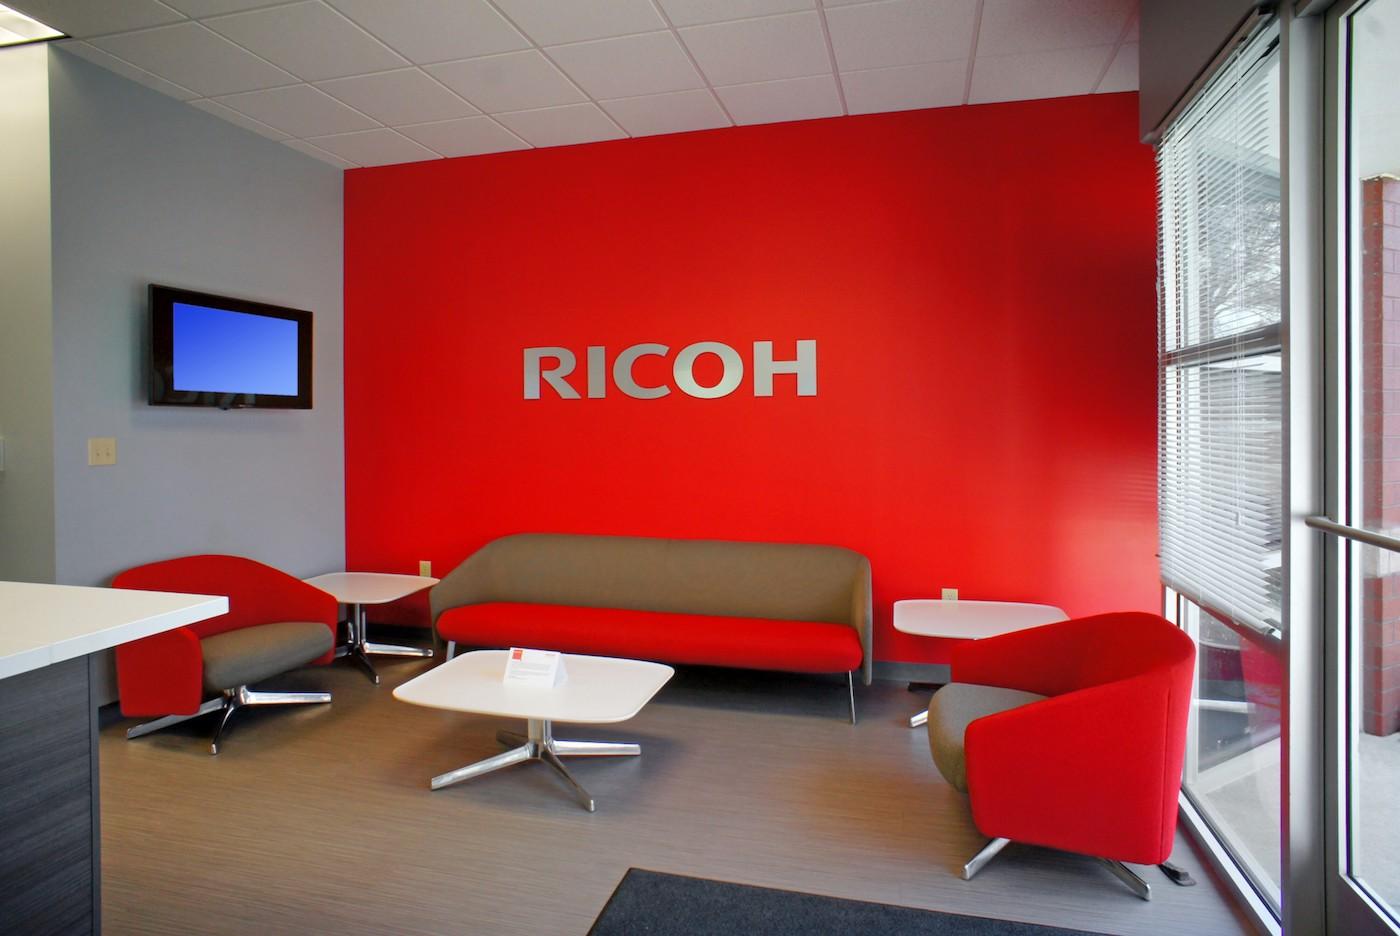 Ricoh-02